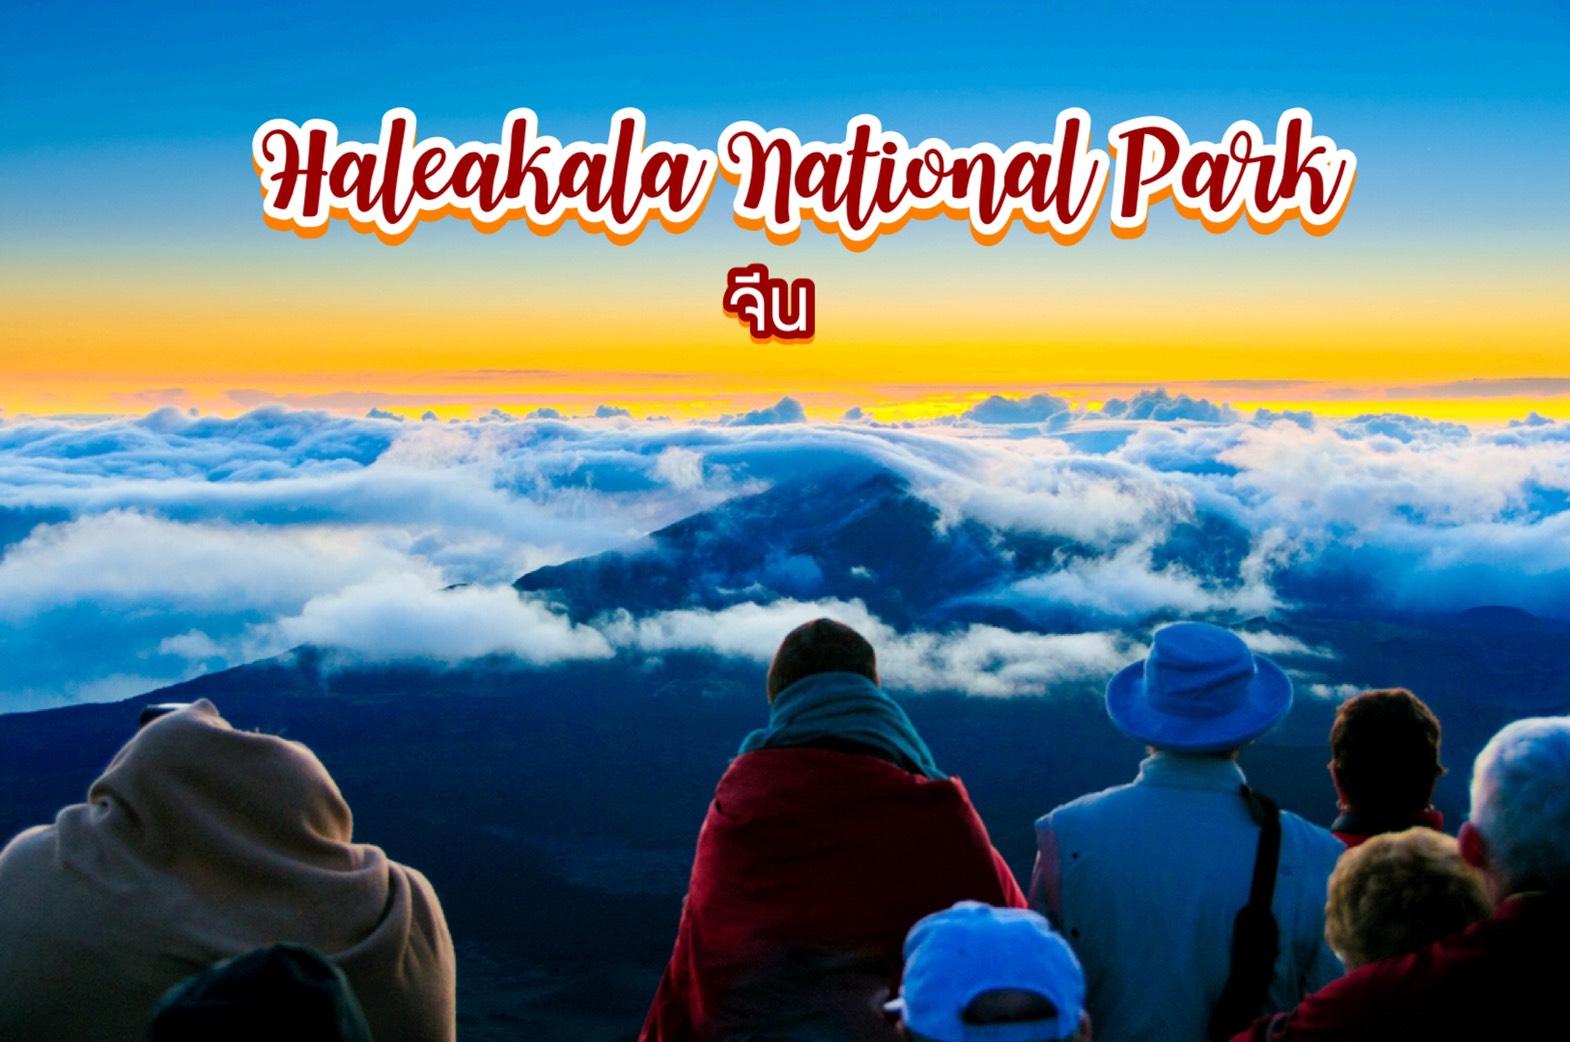 อุทยานแห่งชาติฮาเลอาคาลา Haleakala National Park จีน